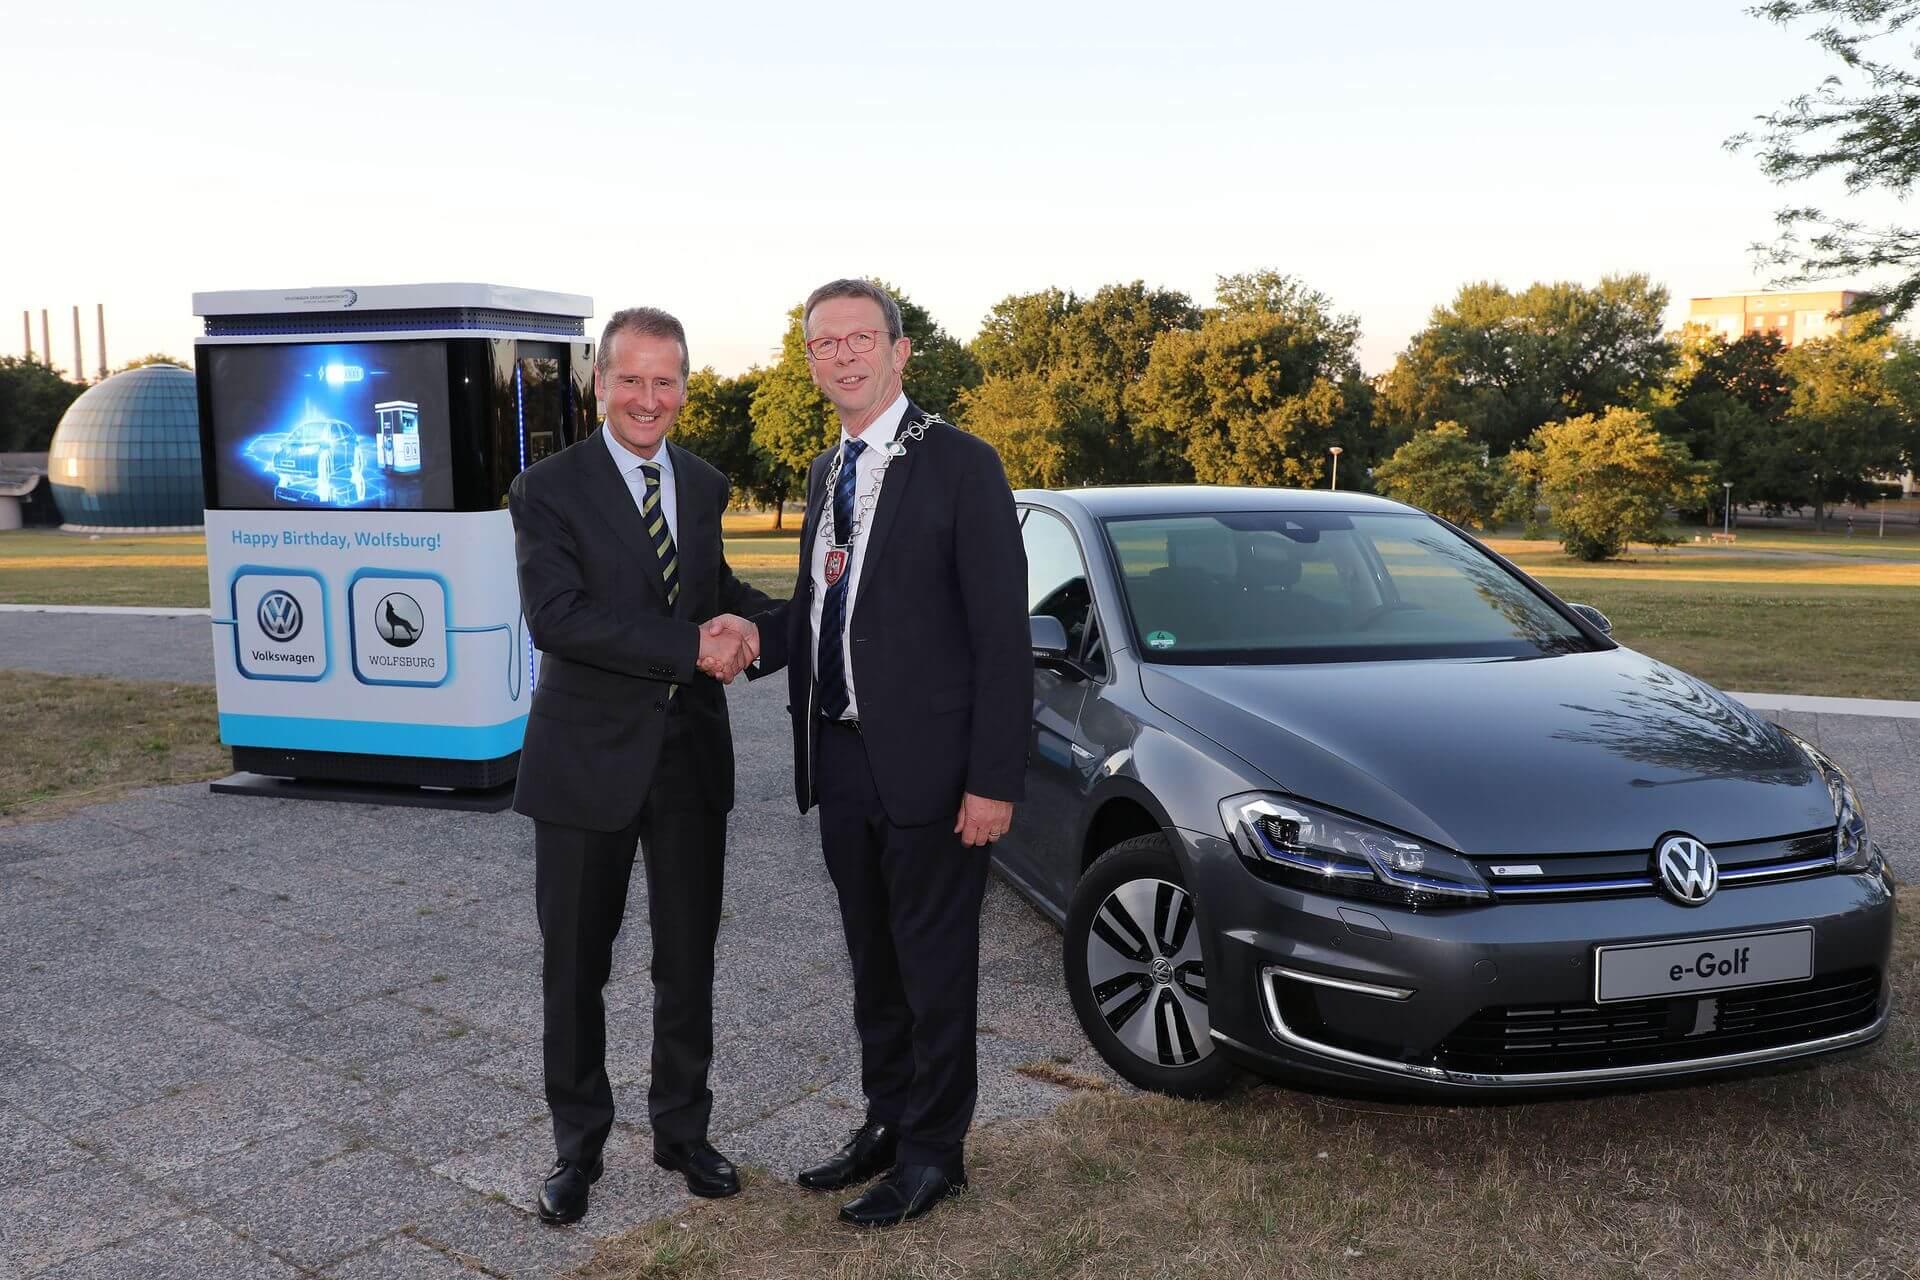 Вручення місту Вольфсбург 12спеціальних мобільних зарядних станцій Volkswagen